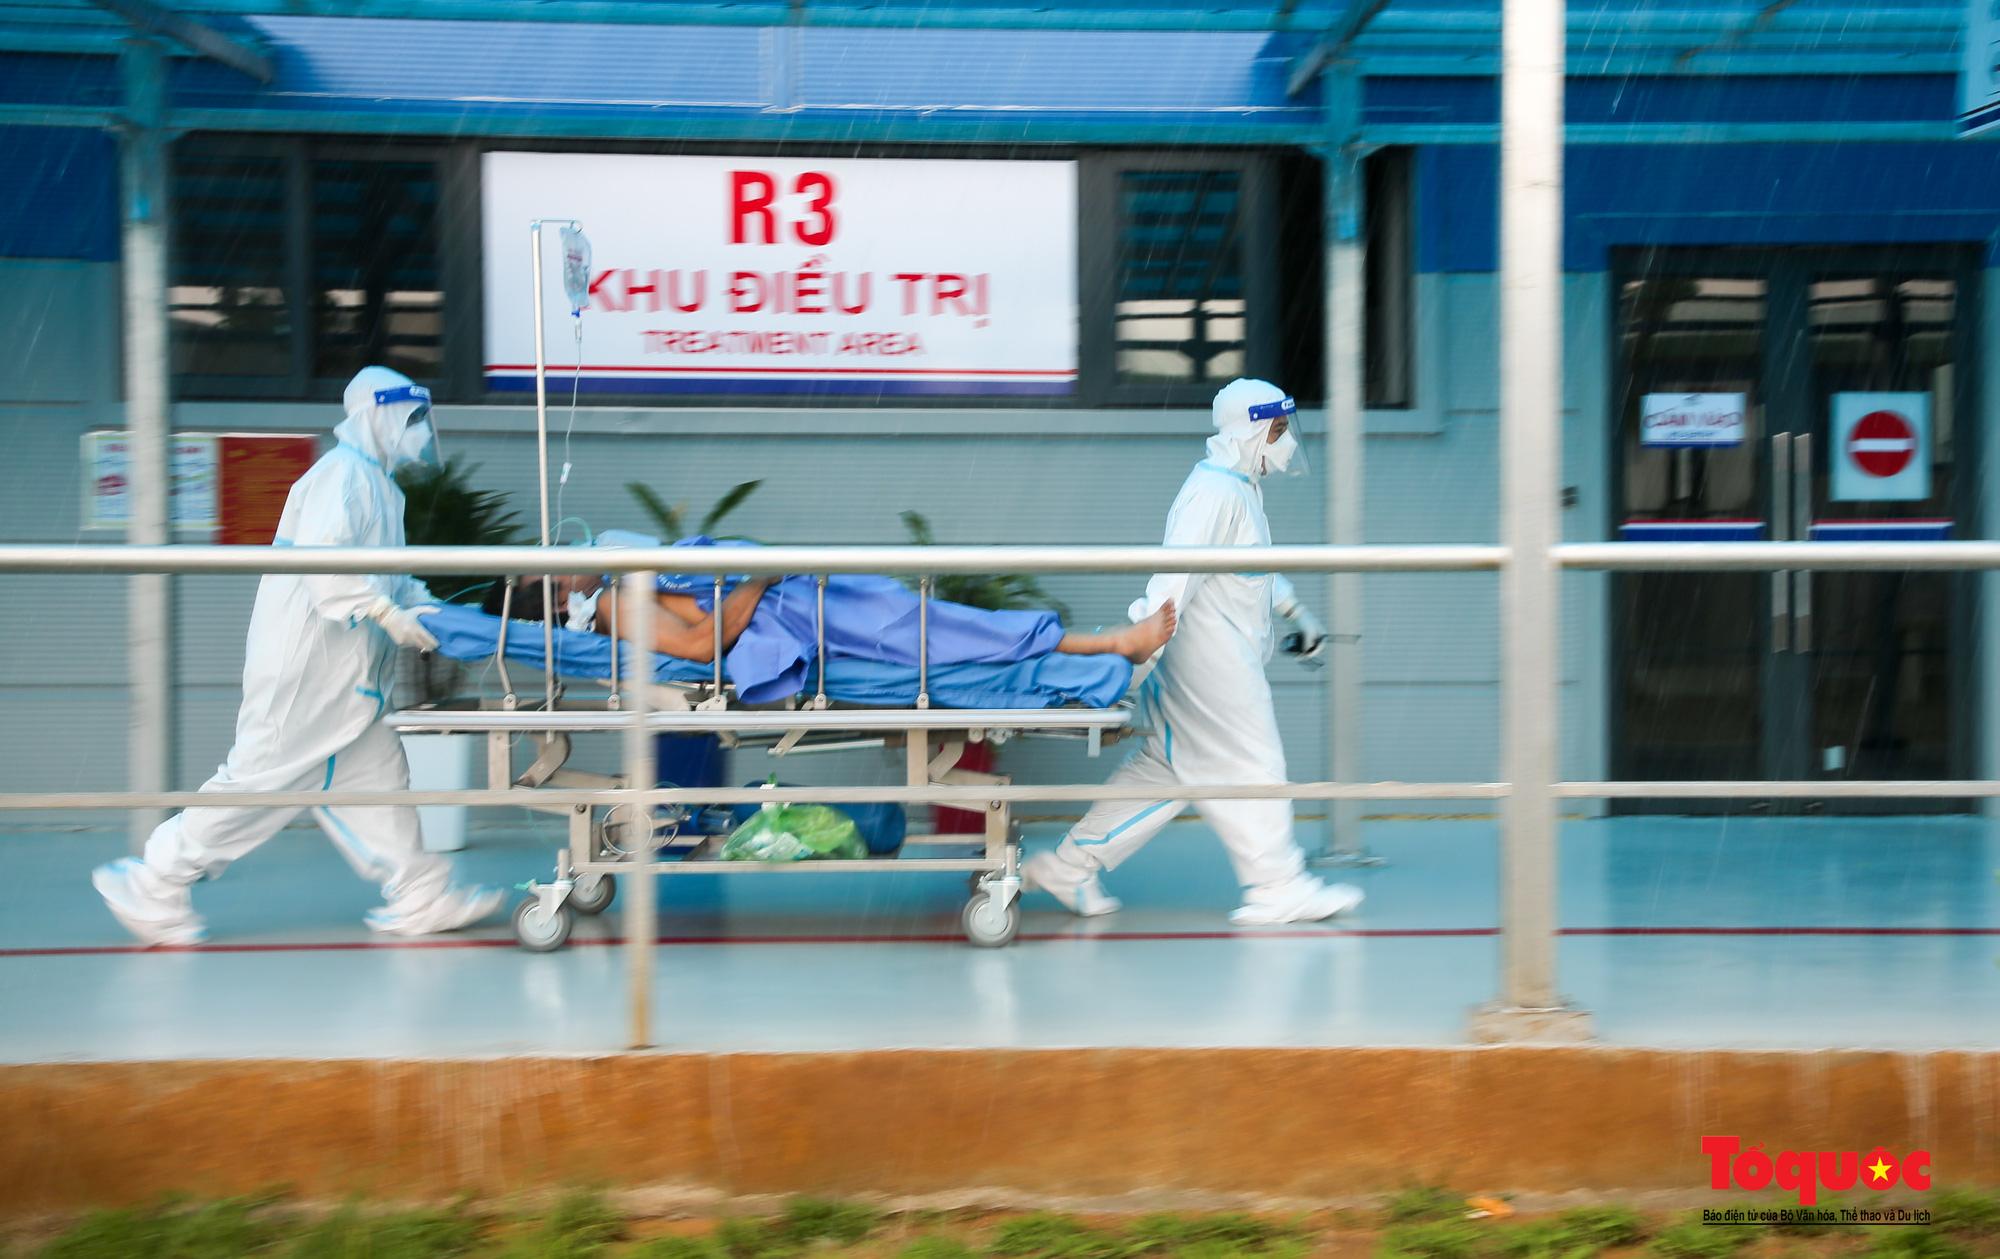 Hà Nội: Cận cảnh bên trong khu điều trị hiện đại của Bệnh viện điều trị người bệnh Covid 19  - Ảnh 11.